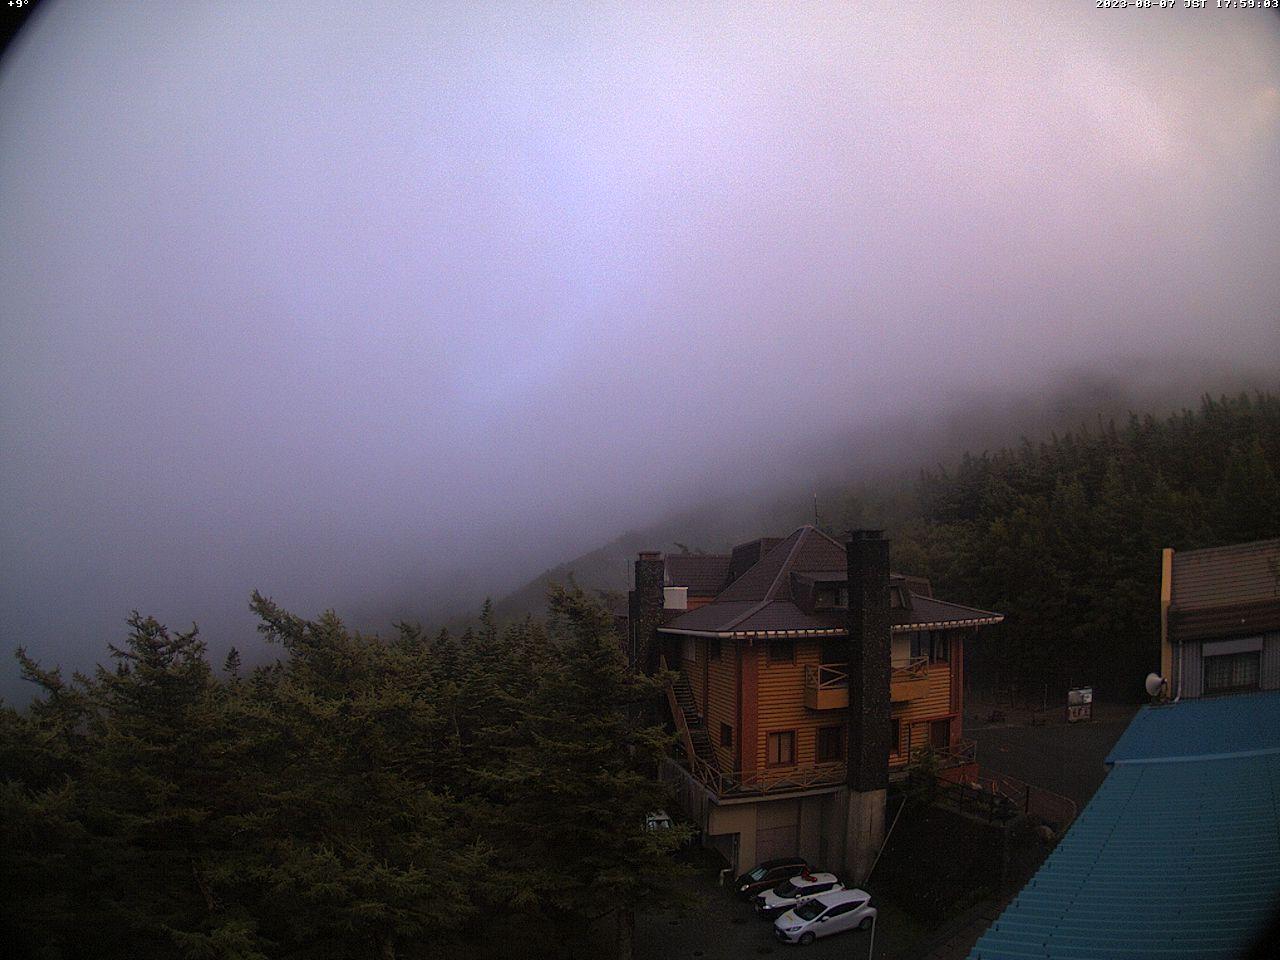 富士山ライブカメラ-富士市茶畑(葛飾北斎視点)